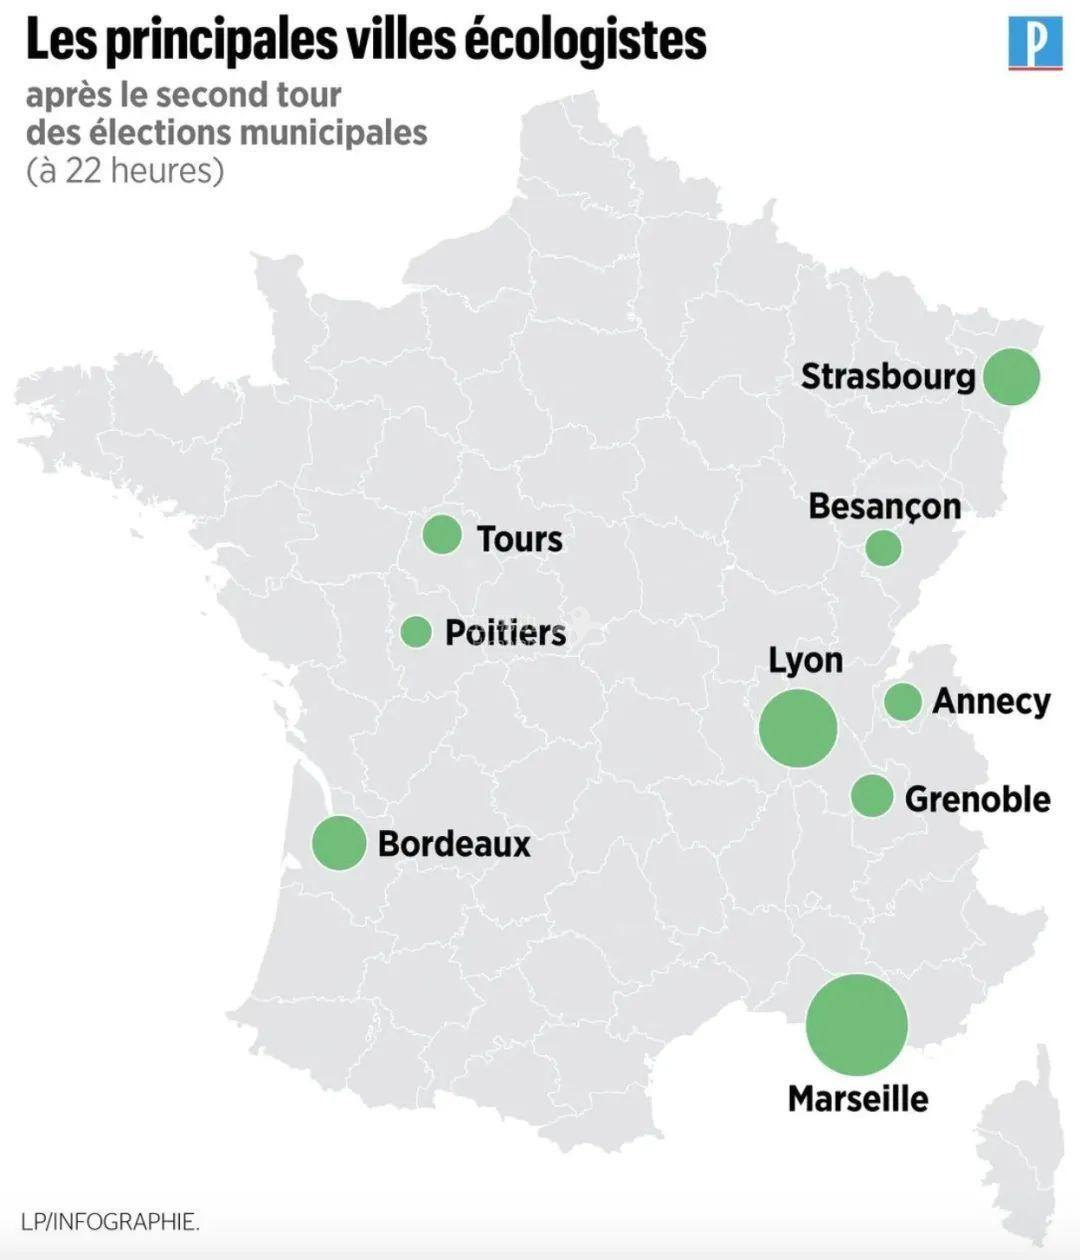 【科技】绿党当选市长或将致5G延迟,法国人对5G有哪些担忧?